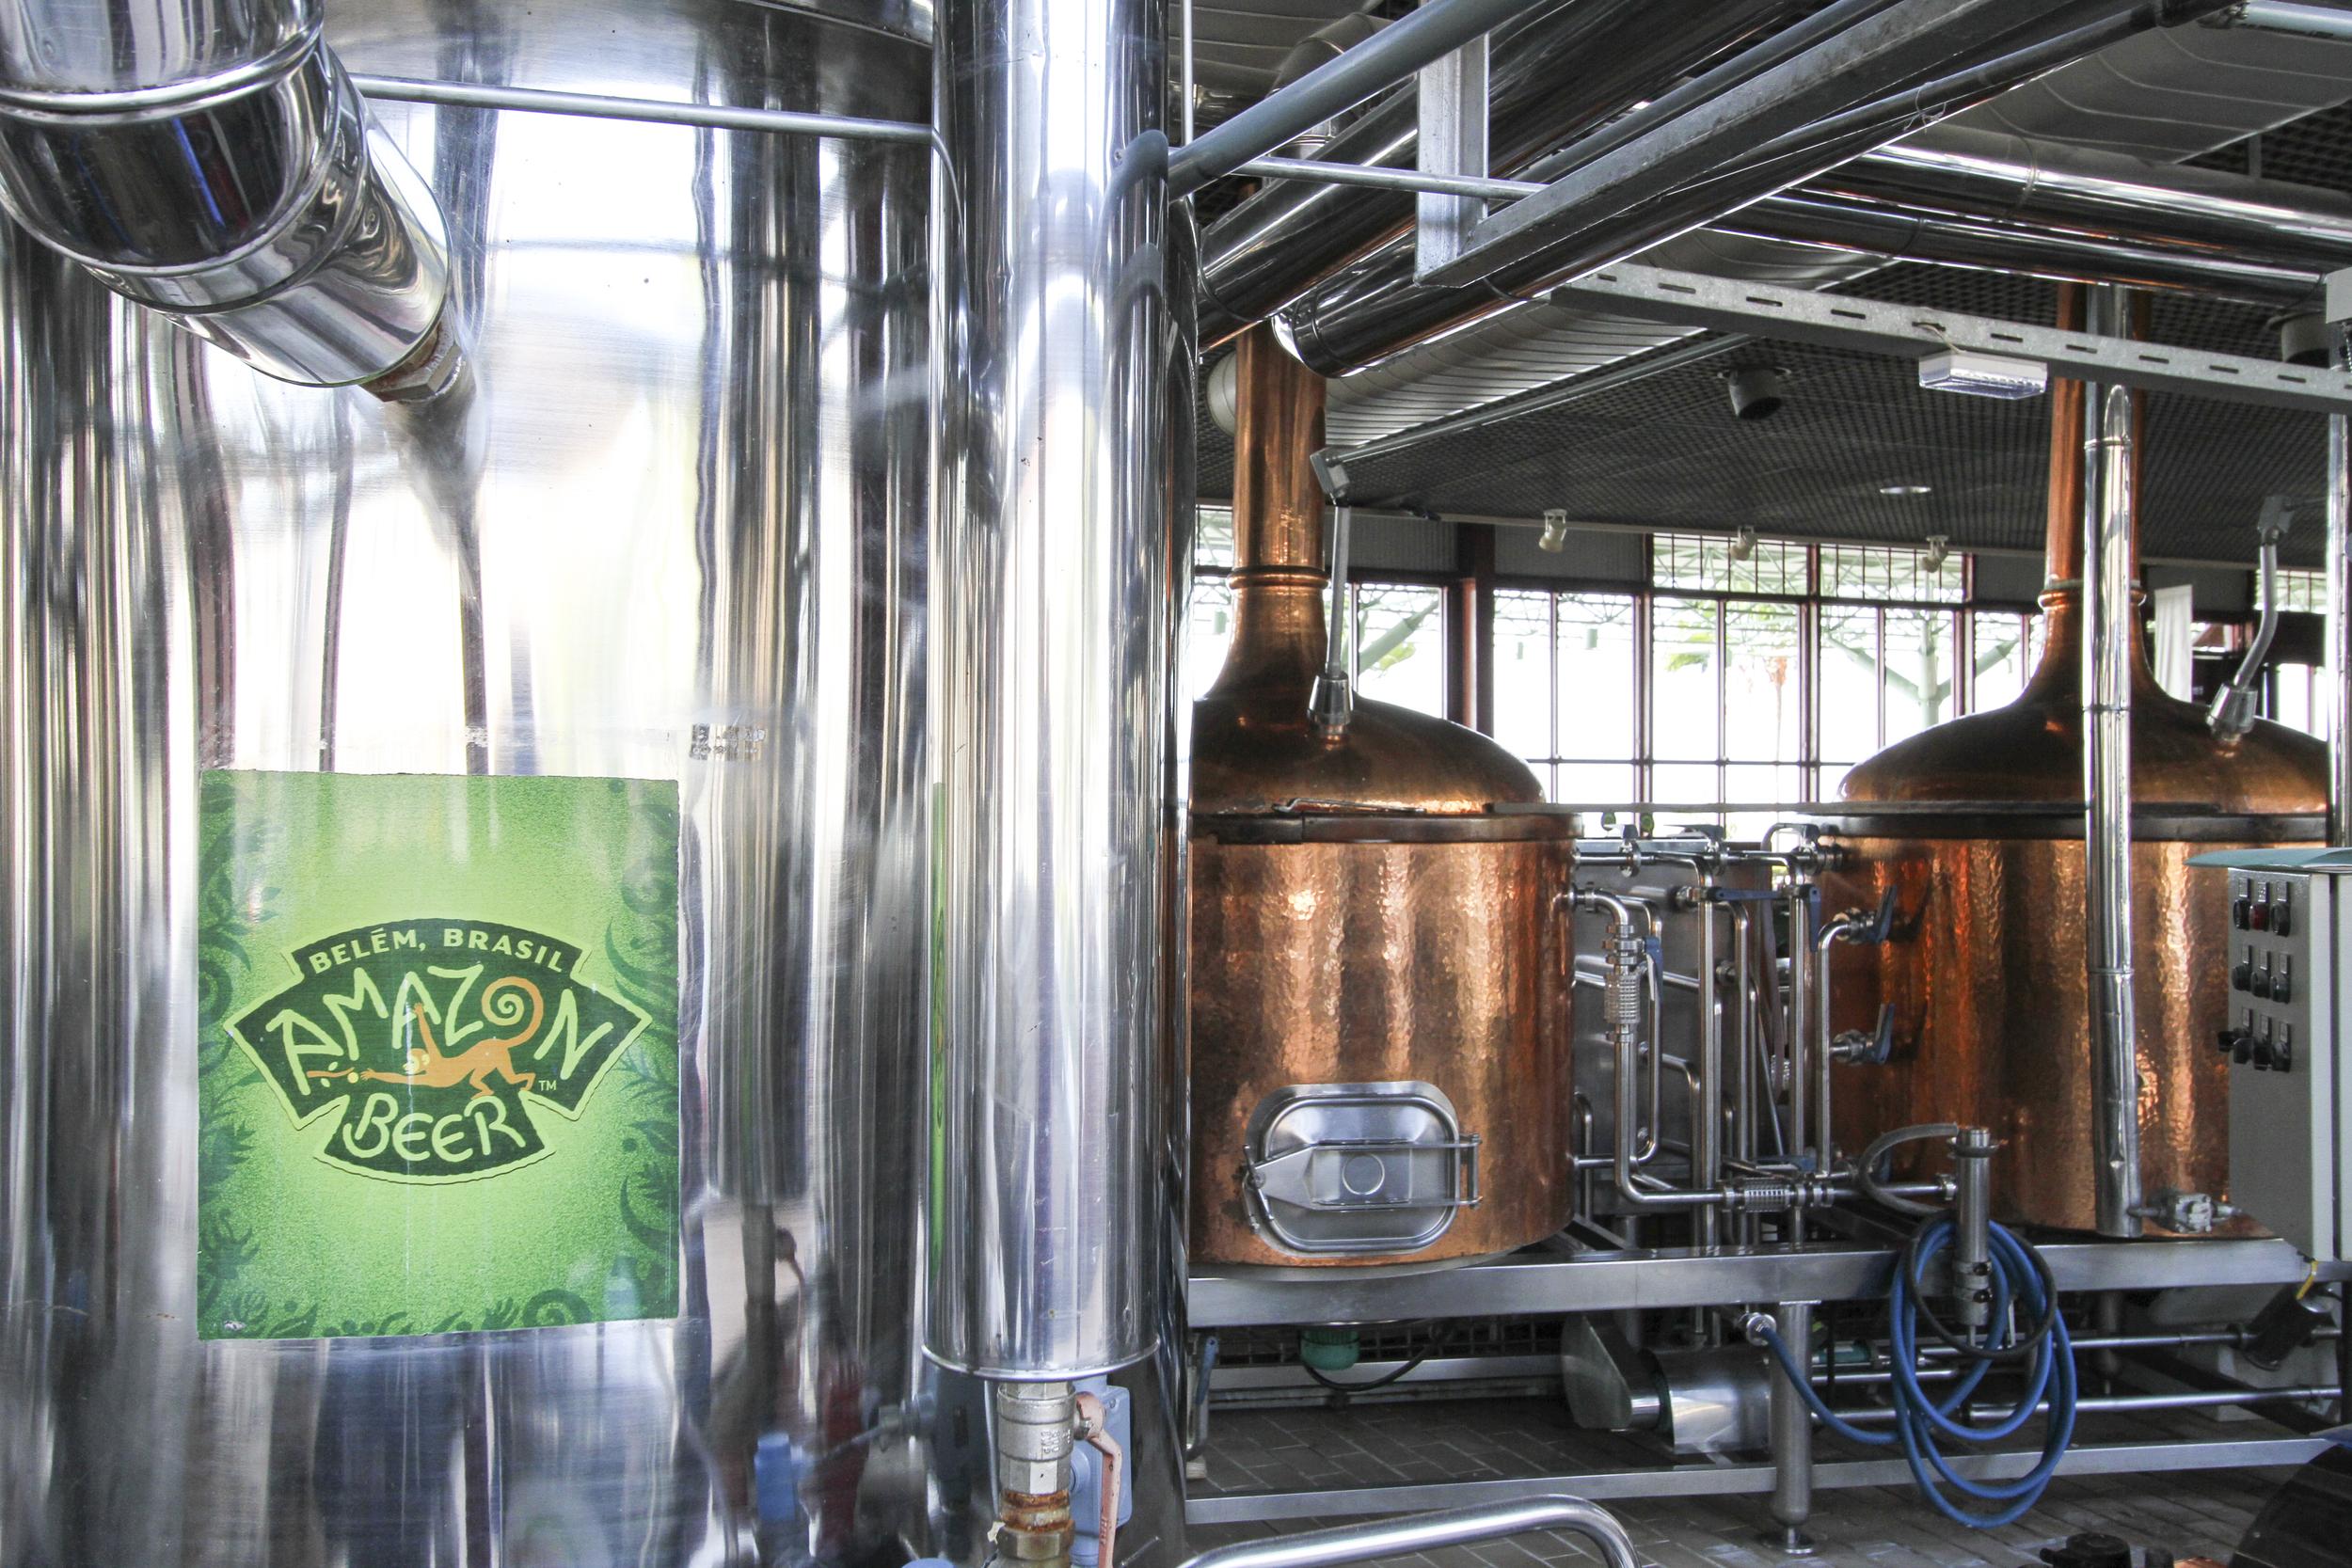 A microcervejaria amazon beer, de belém (PArá), é especializada em criar cervejas com ingredientes exóticos da região (FOTO: Juliana spinola/especial para a beer art)